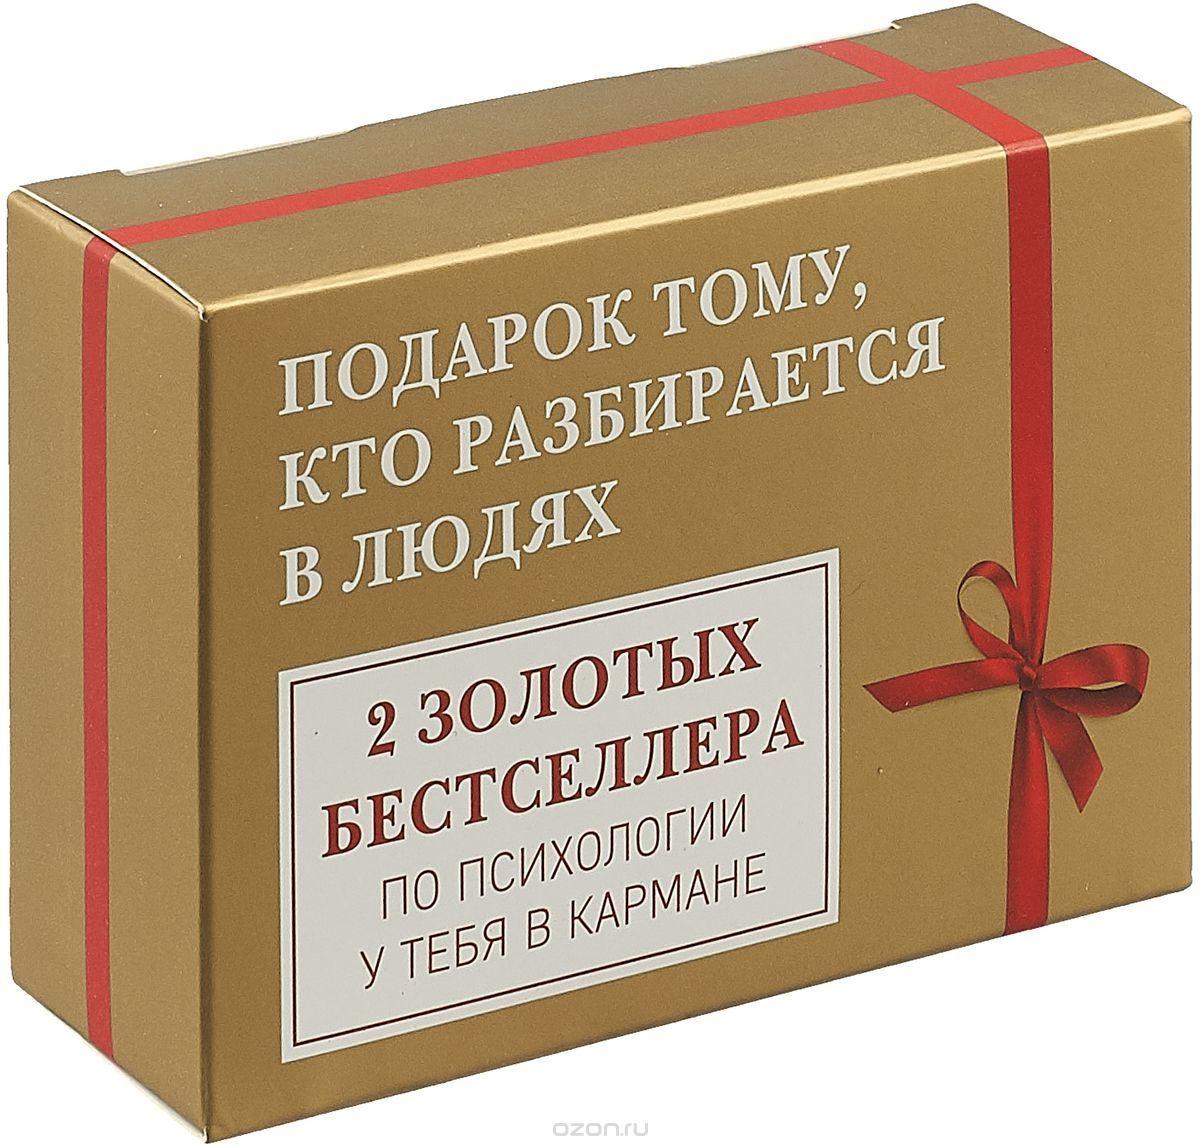 Kitab Подарок тому, кто разбирается в людях. 2 золотых бестселлера   Барбара Пиз, Аллан Пиз, Эрик Берн